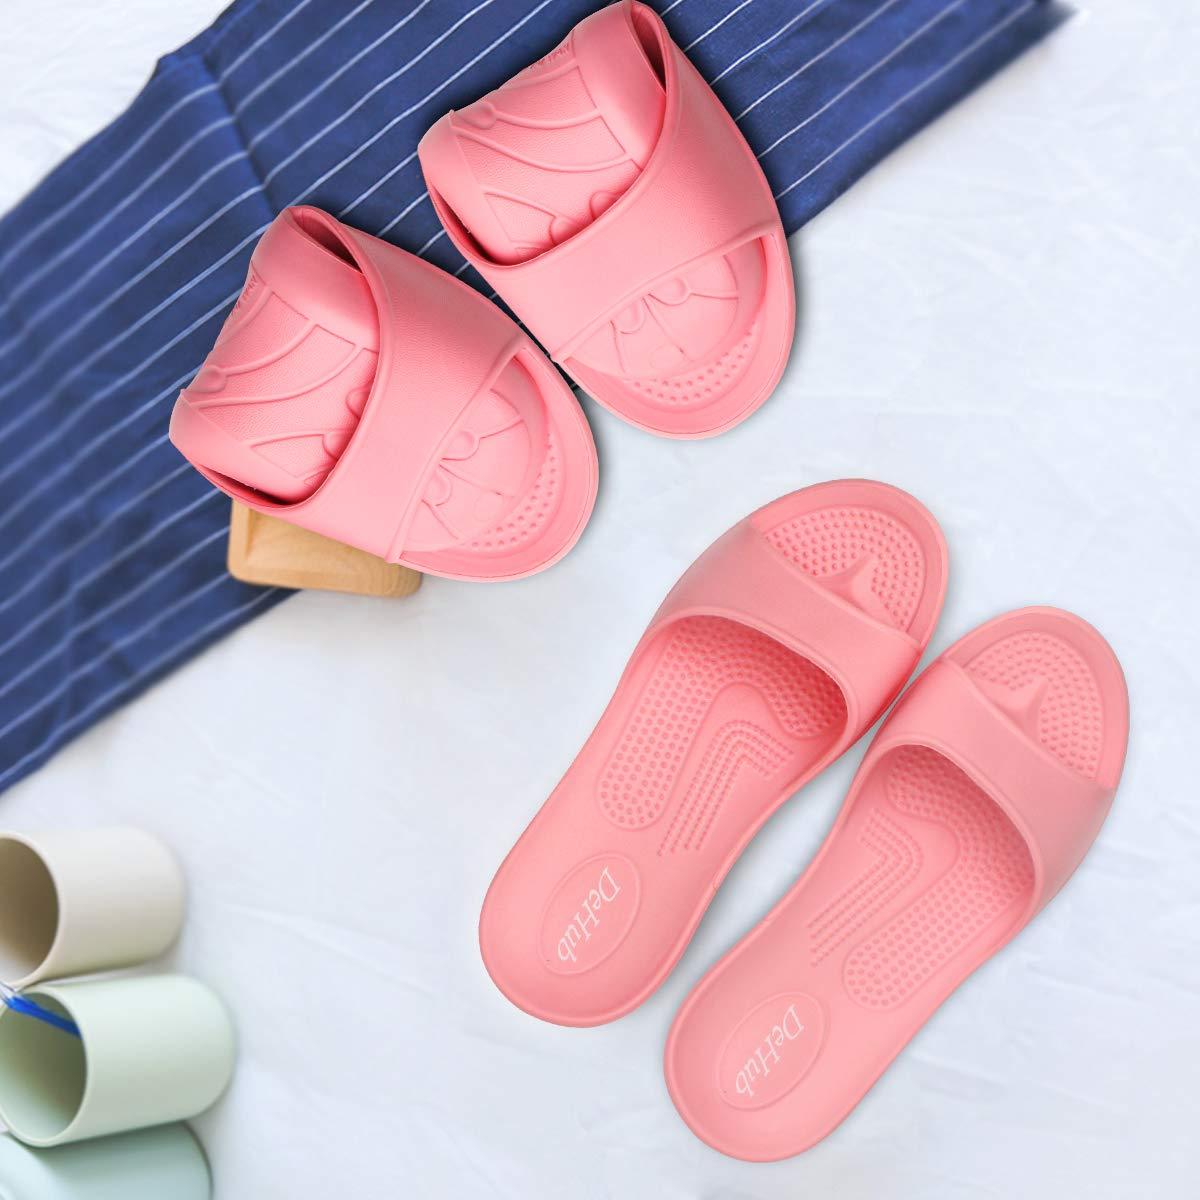 EVA Shower Slippers for Women,Indoor/&Outdoor Summer Non Slip Bathroom Sandal Slippers,Lightweight Household Slipper for Shower,Beach,Spa,Gym Pool.